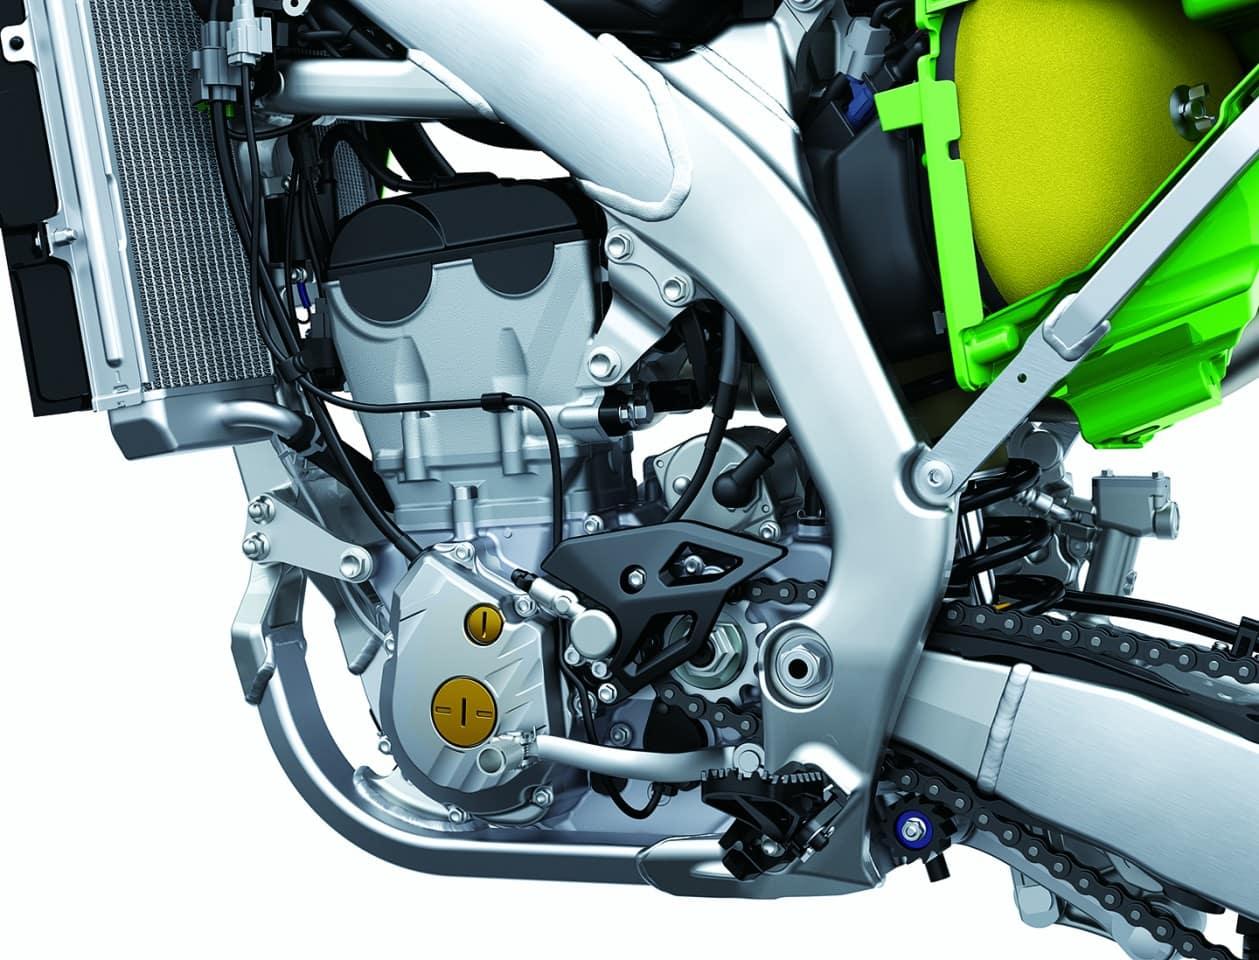 Der Motor der KX250 ist eine komplette Neukonstruktion